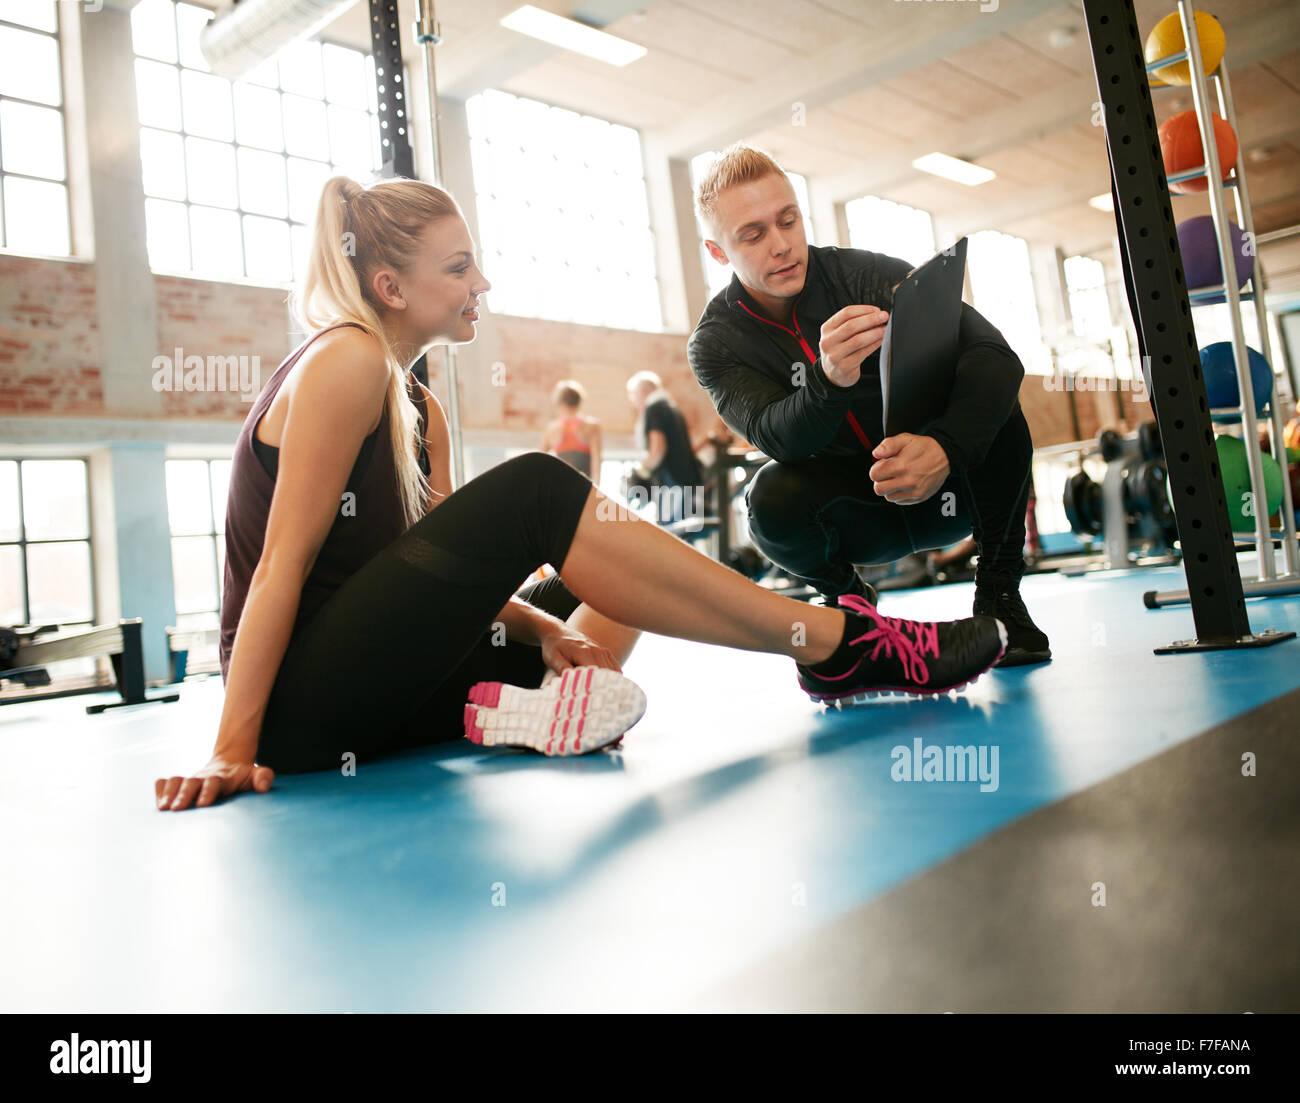 Entrenador personal joven ayudando en su labor fuera rutinas en el gimnasio. Mujer sentada en el suelo con su personal Imagen De Stock